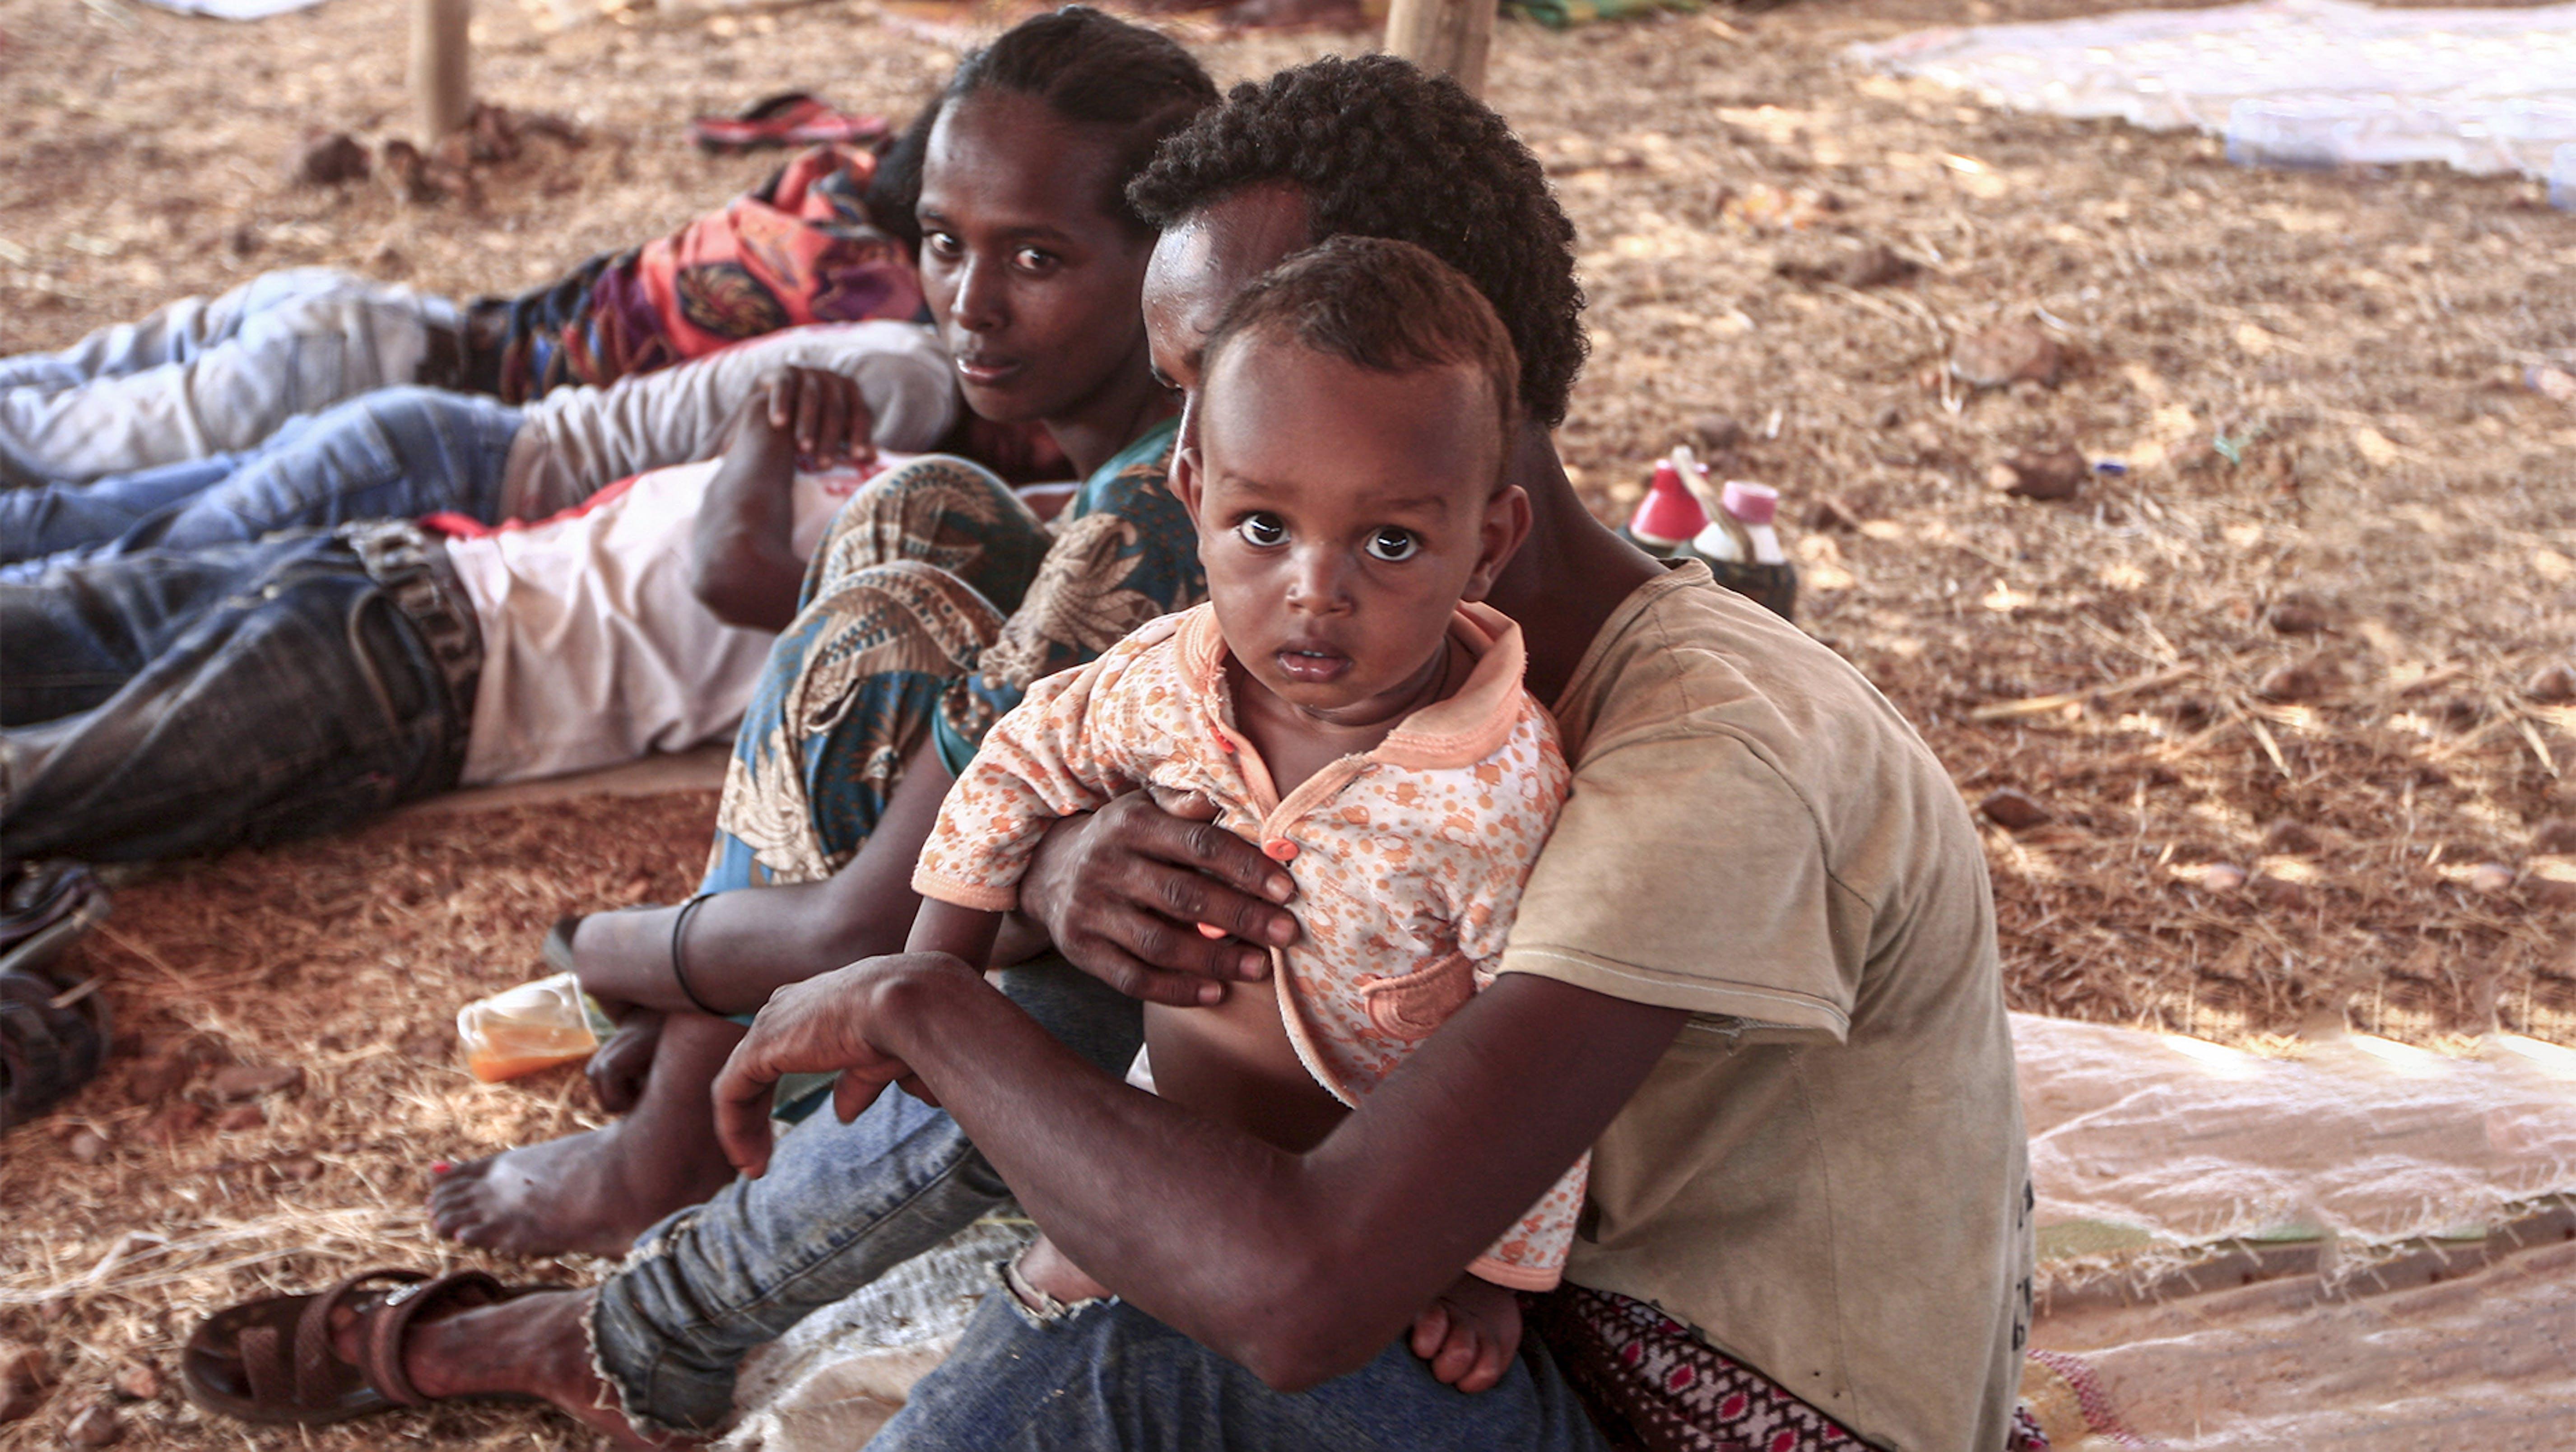 Un bambino rifugiato etiope in braccio a suo papà  © UNICEF/UN0371488/Hamid/AFP Non utilizzabile da media e partner